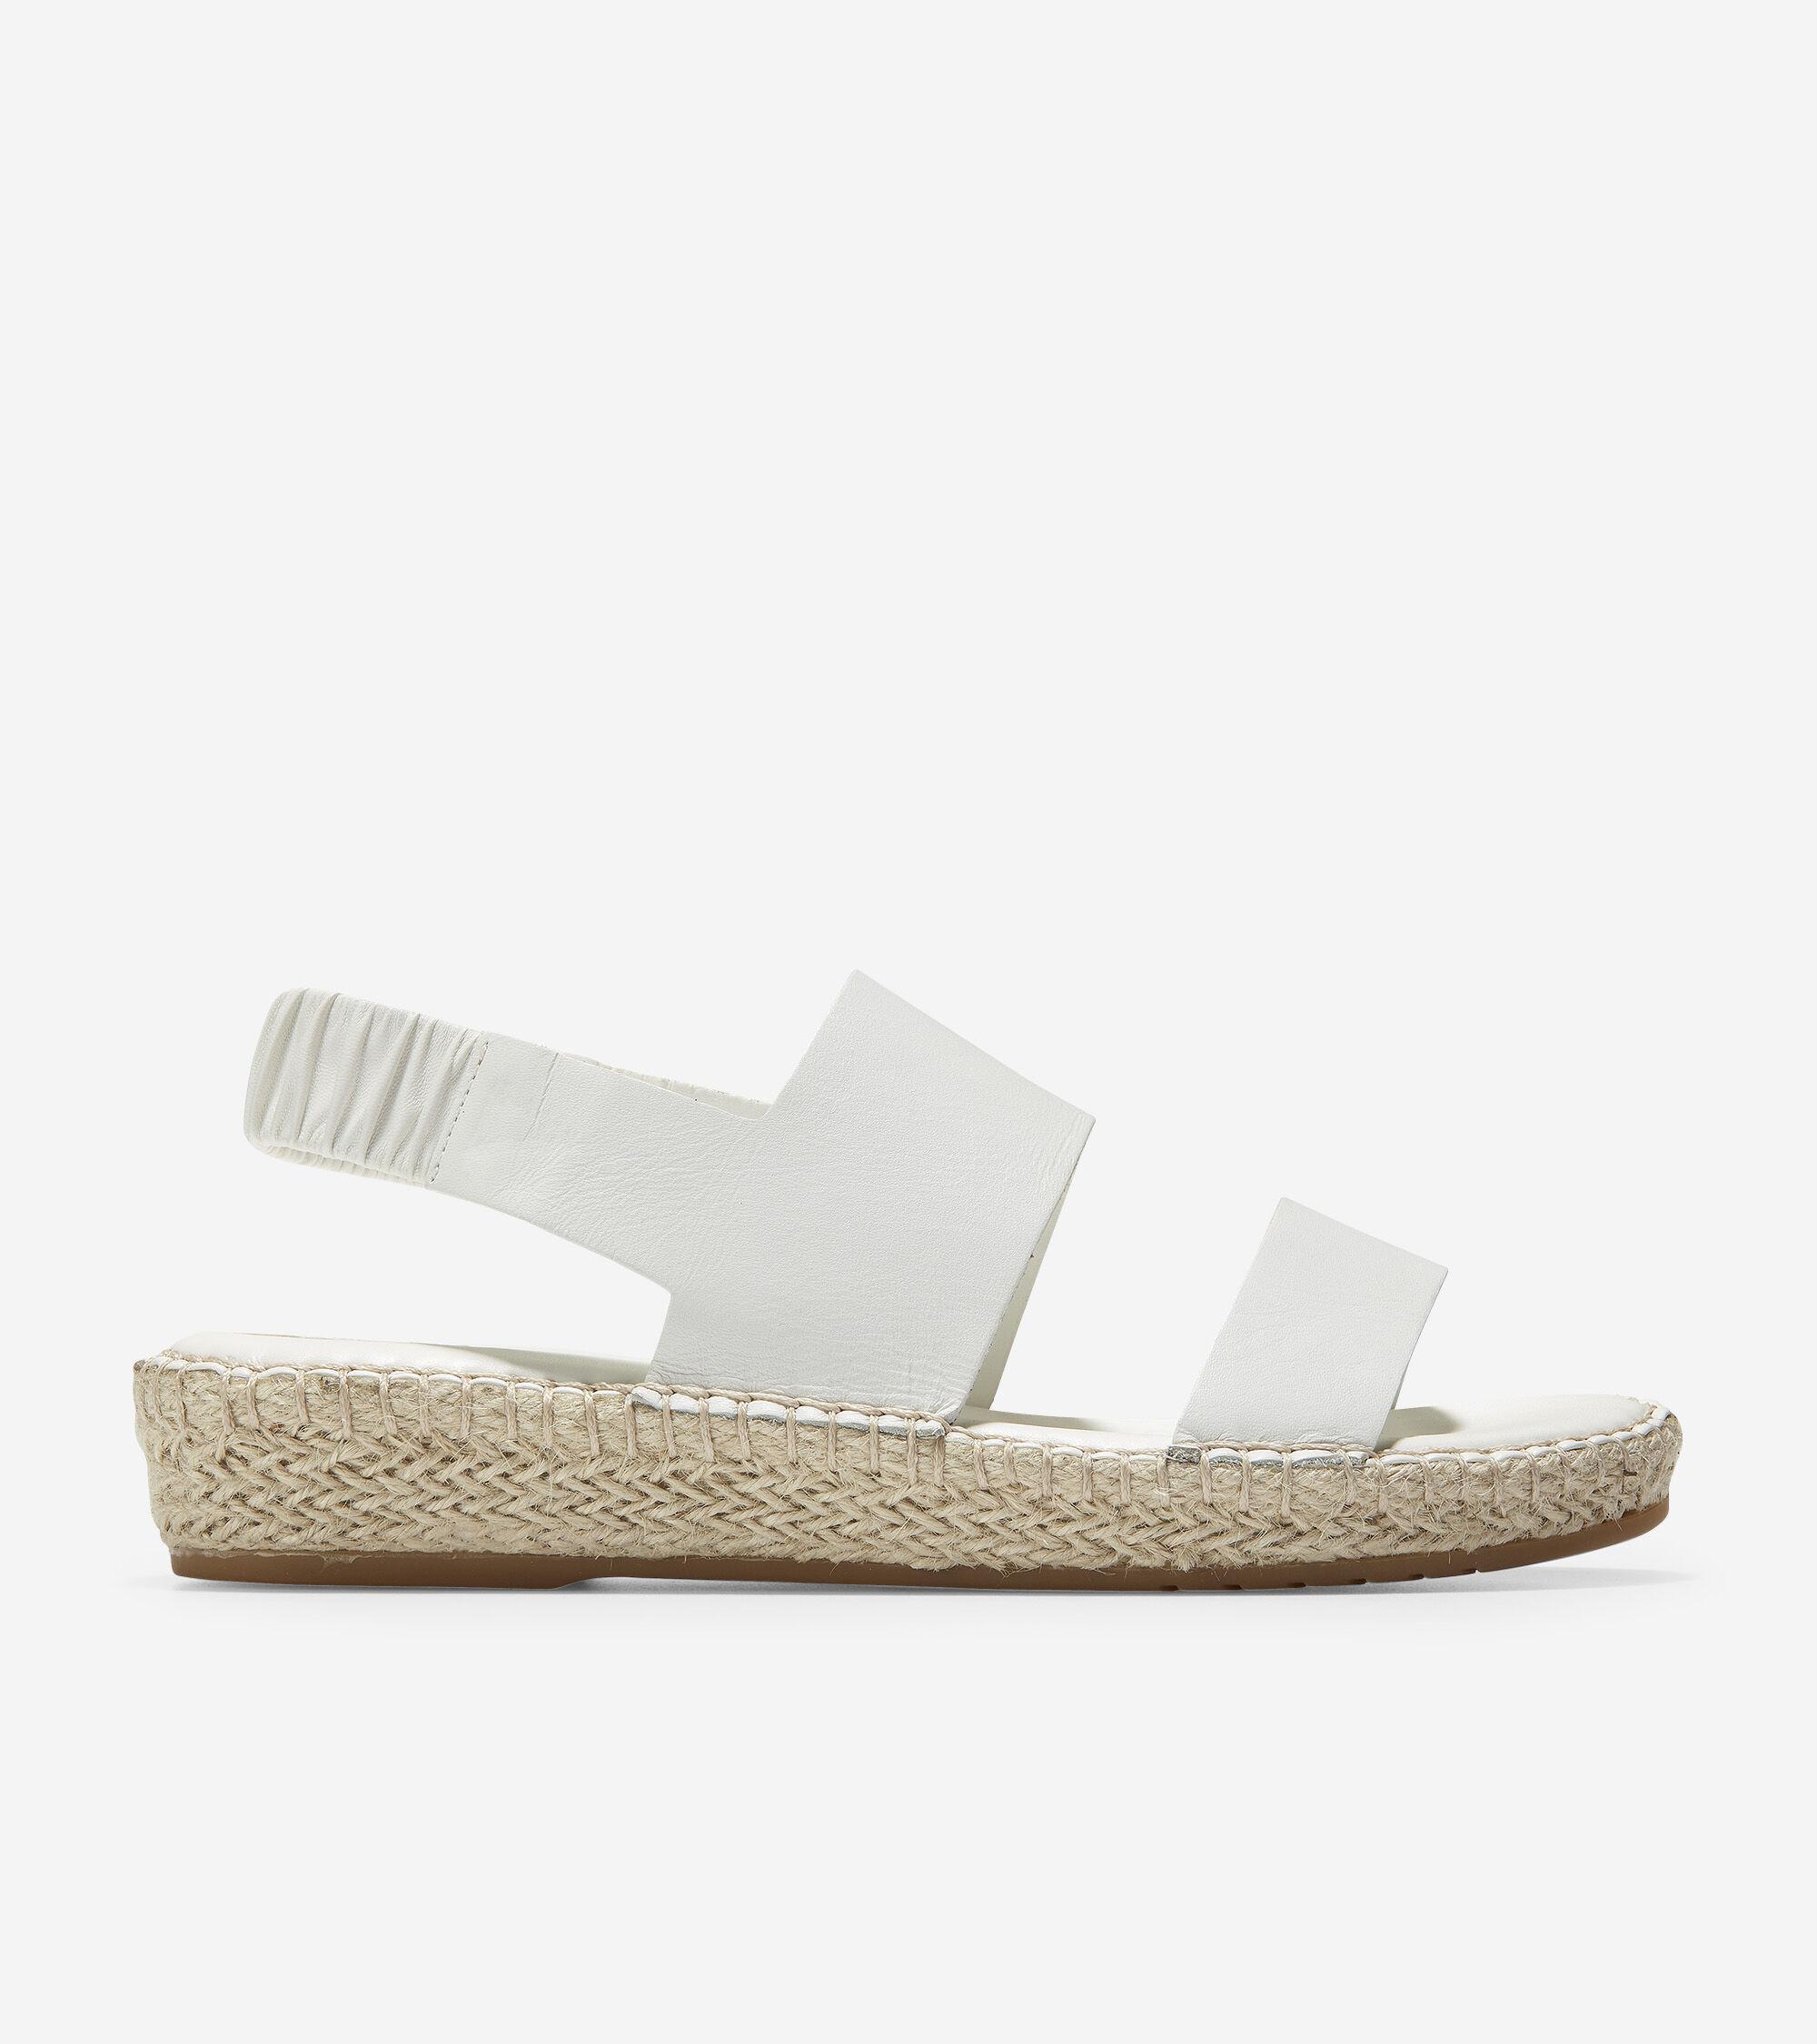 Women's Cloudfeel Espadrille Sandal in